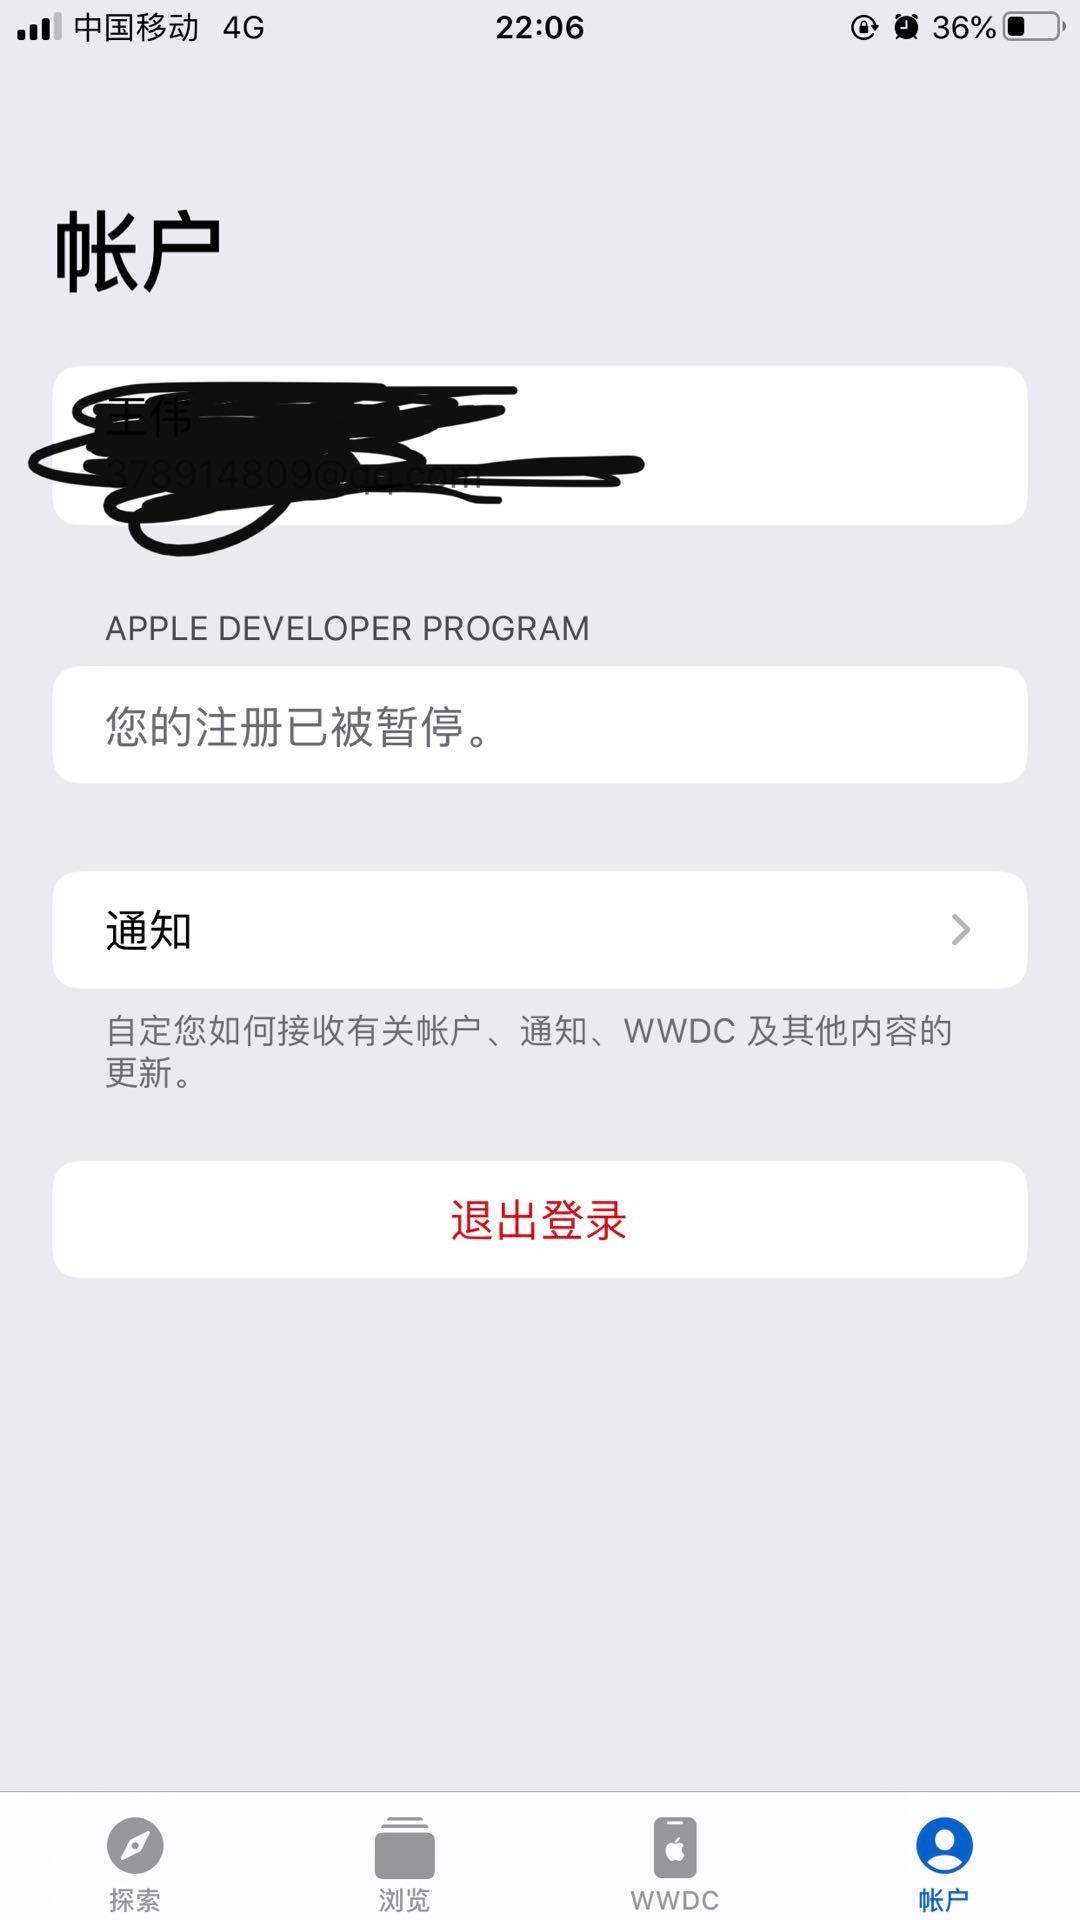 苹果开发者账号注册罕见问题:您的注册已被暂停-弄事堂-NSTUN